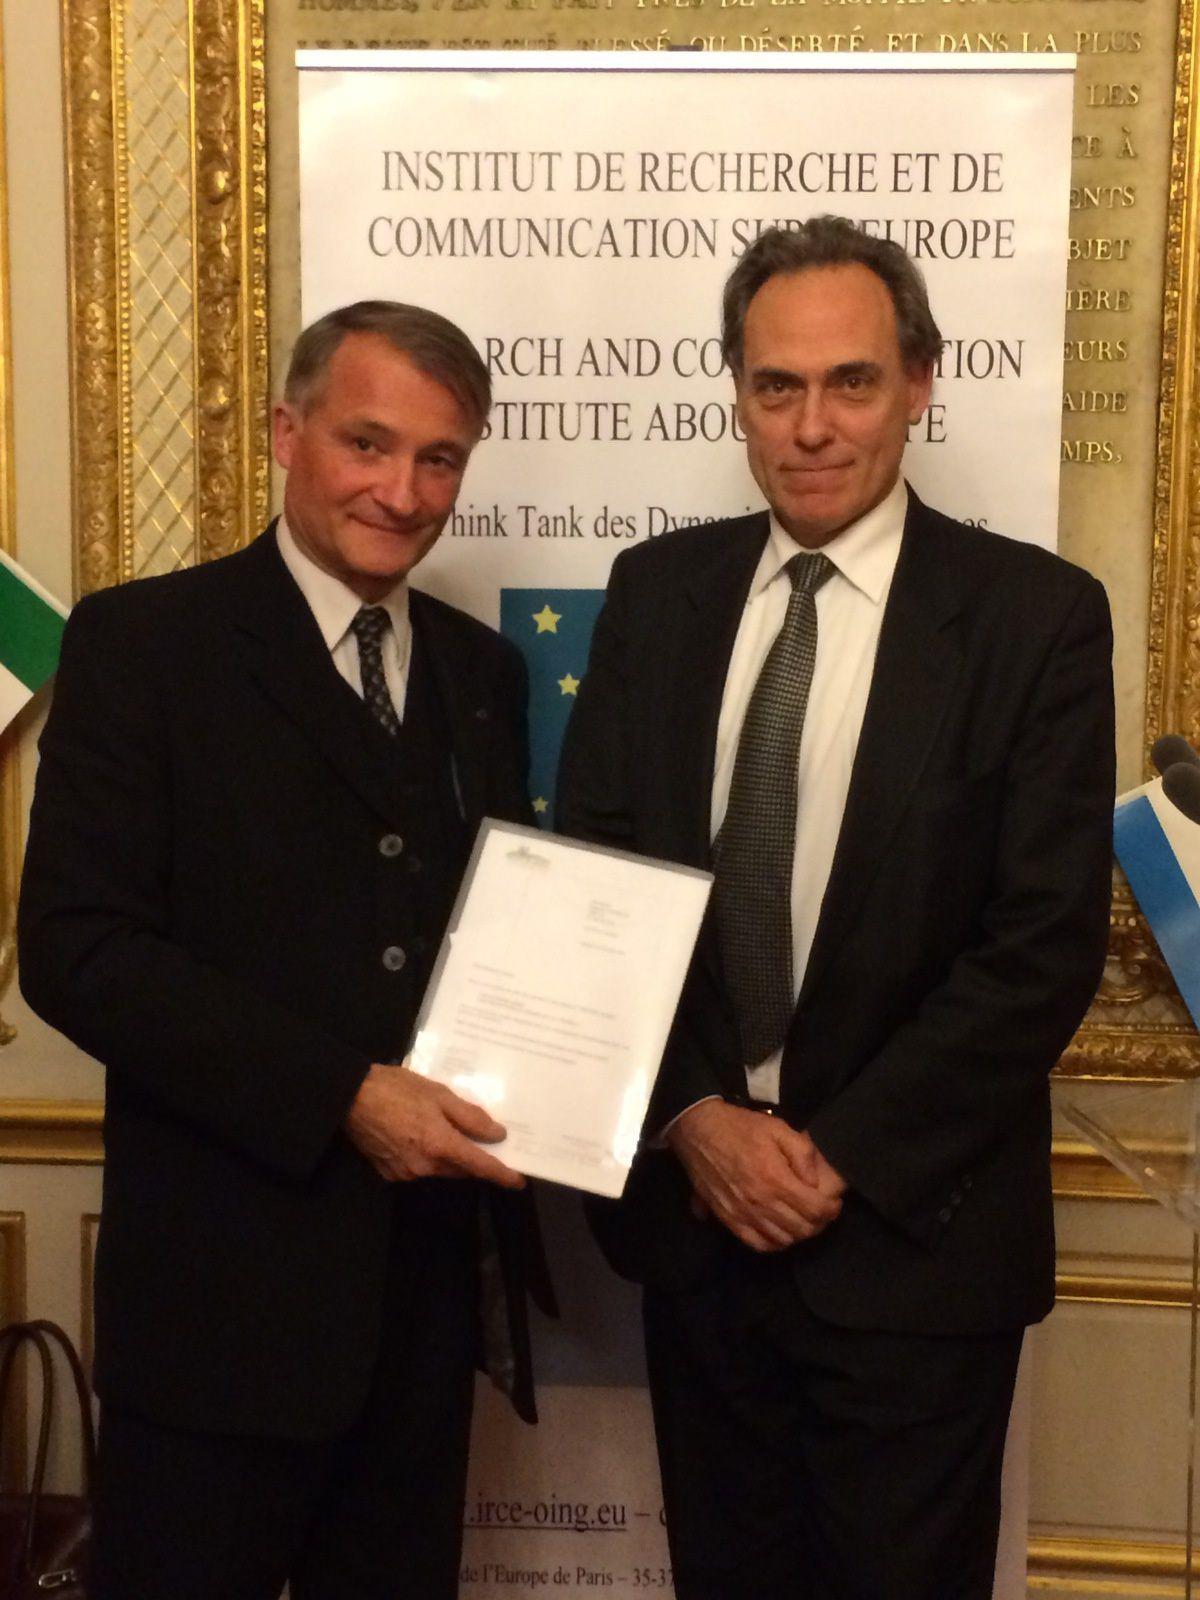 17 février 2016 - DINER I.R.C.E. au Sénat avec S.E. M. Hakki AKI, Ambassadeur de Turquie à Paris sur le thème : LA TURQUIE ET L'INTEGRATION EUROPENNE